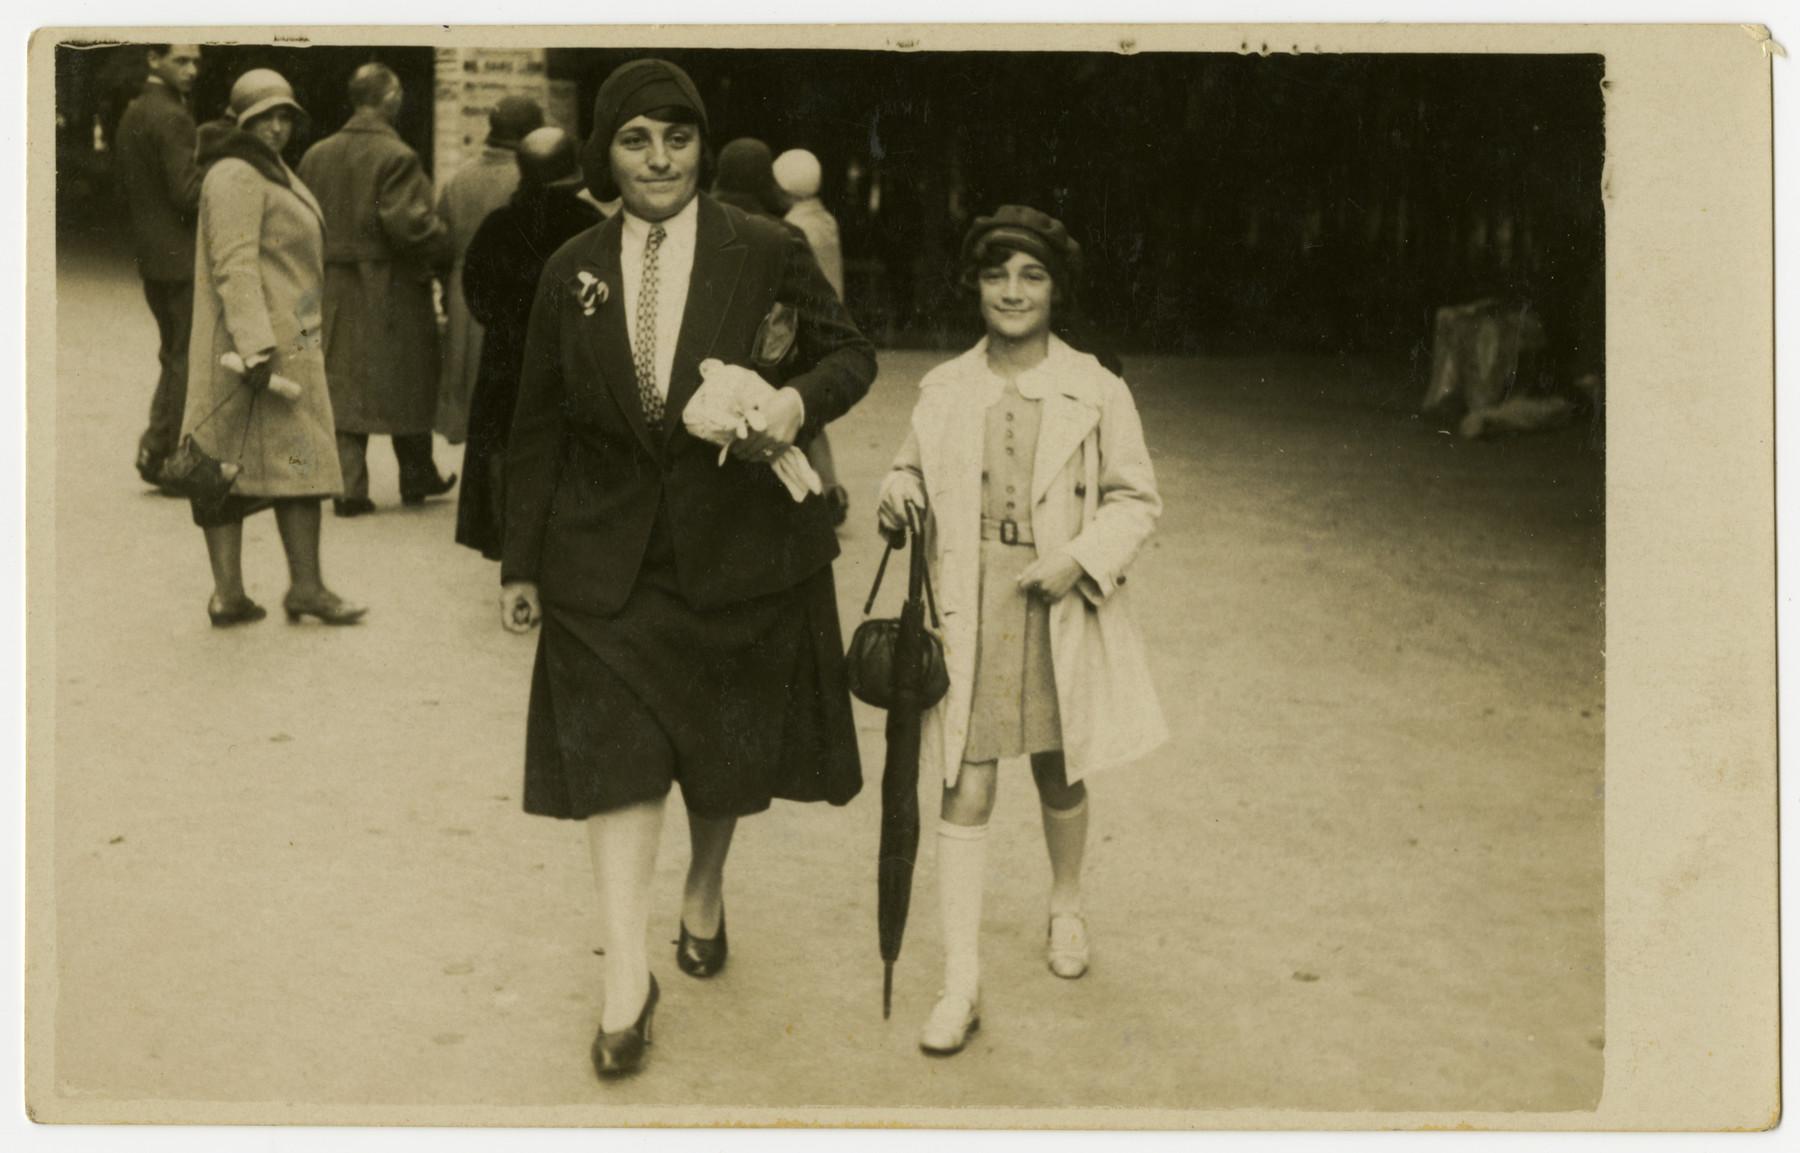 Hannie Reinsch and her daughter Helga walk down a street.